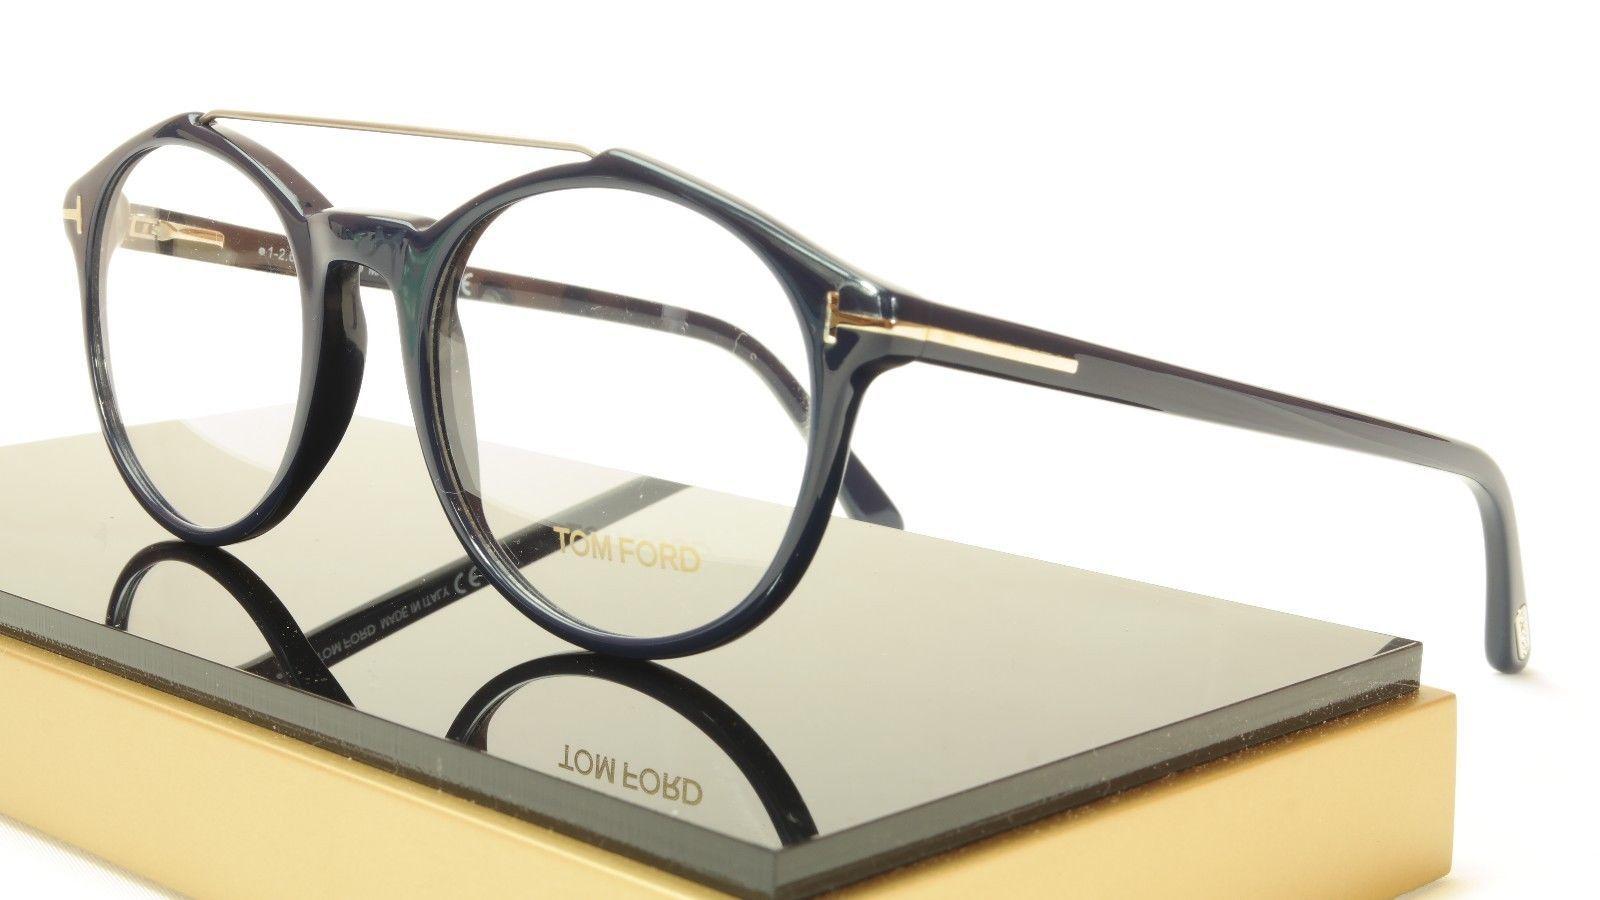 Tom Ford Authentic Eyeglasses Frame TF5455 090 Dark Navy Blue Italy 52-20-145 image 2